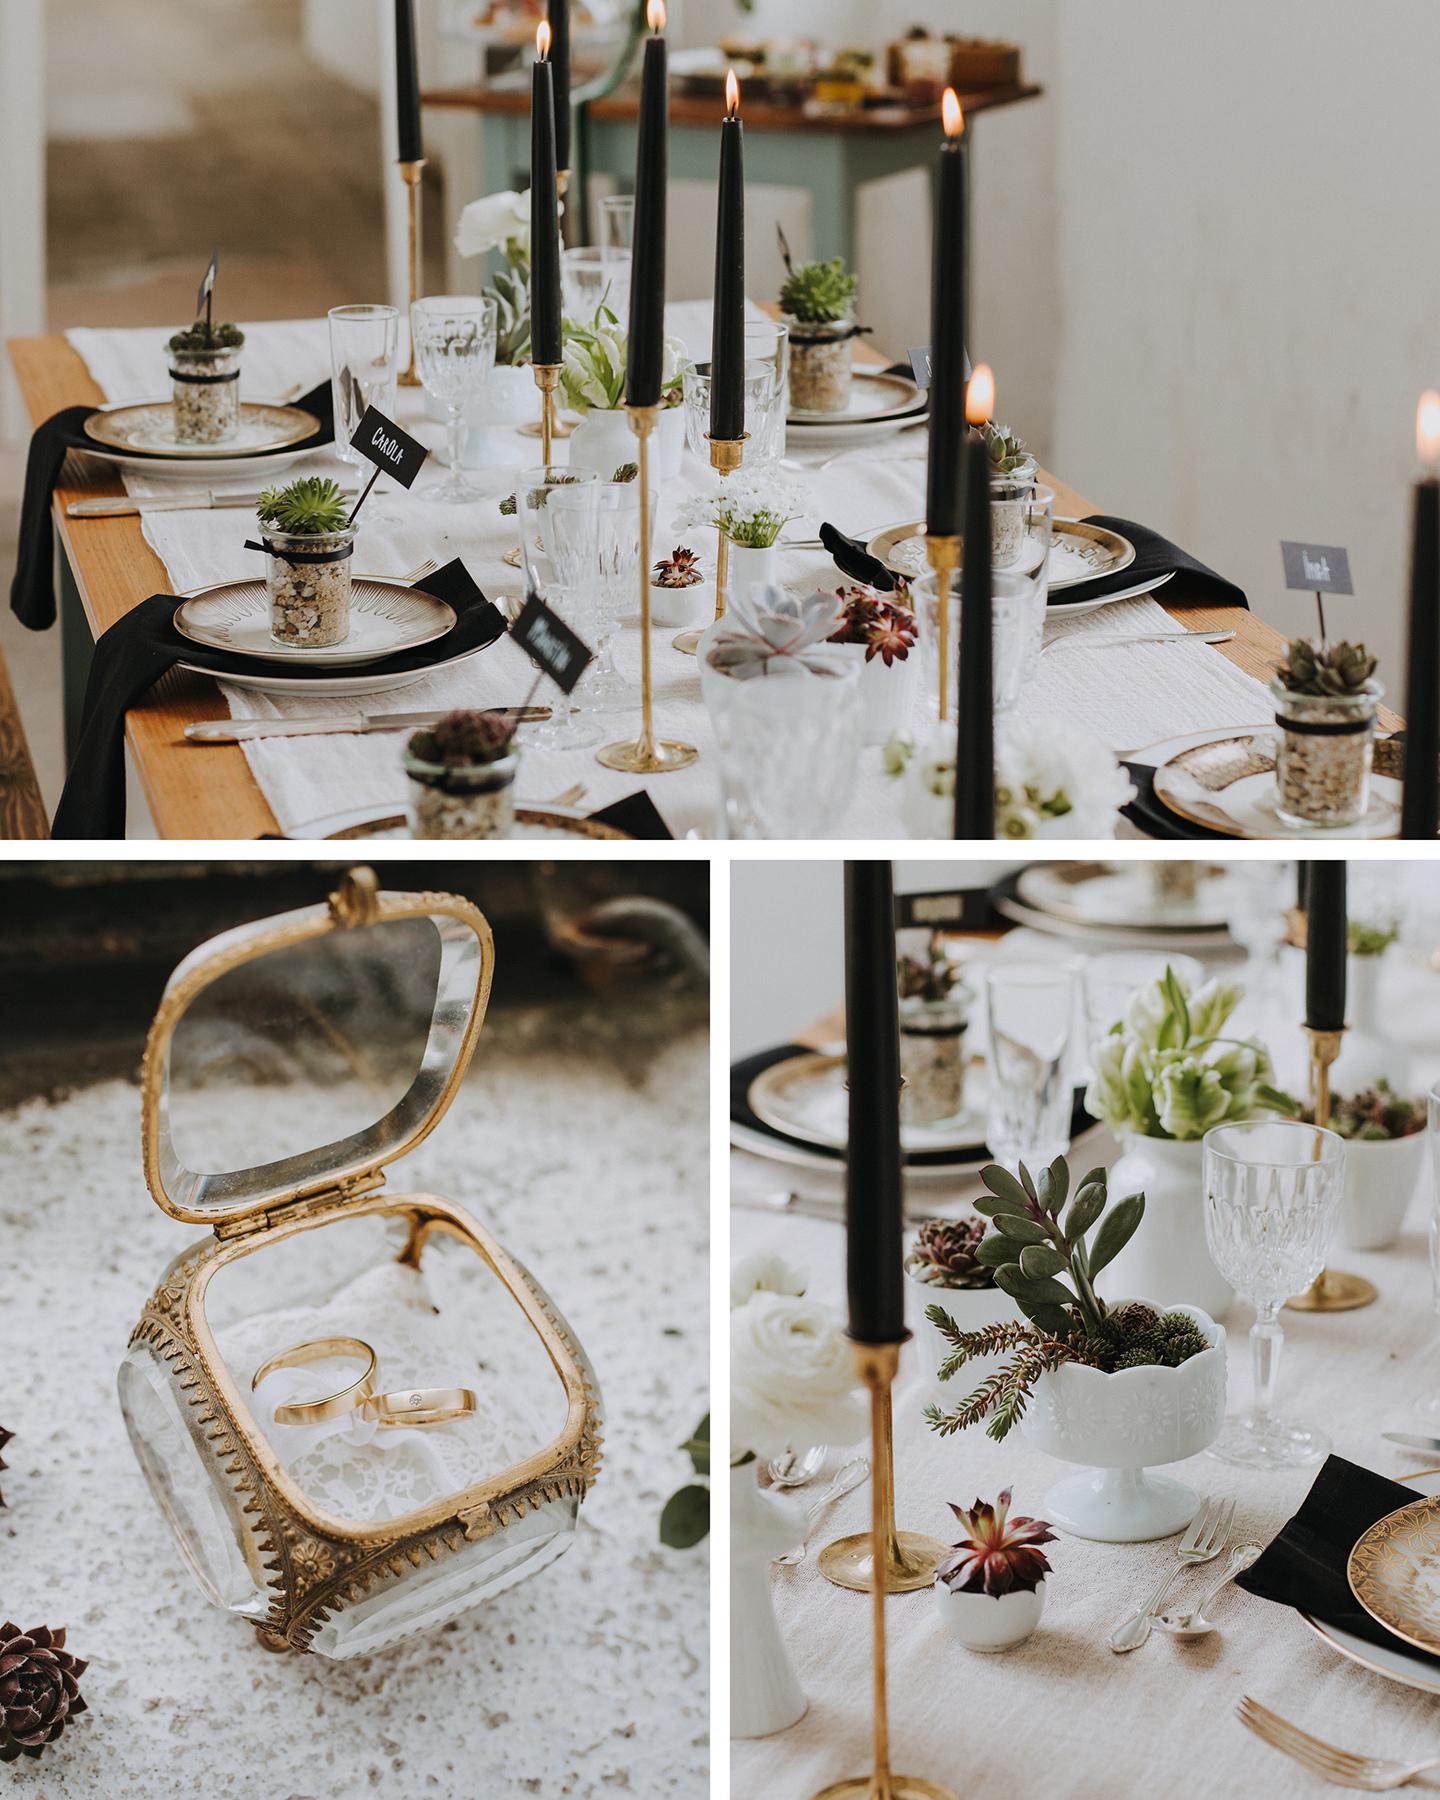 Hochzeitstafel ist passend zum Hochzeitstrend 2021 nachhaltig mit Sukkulenten und Kerzen aus Sojawachs dekoriert.